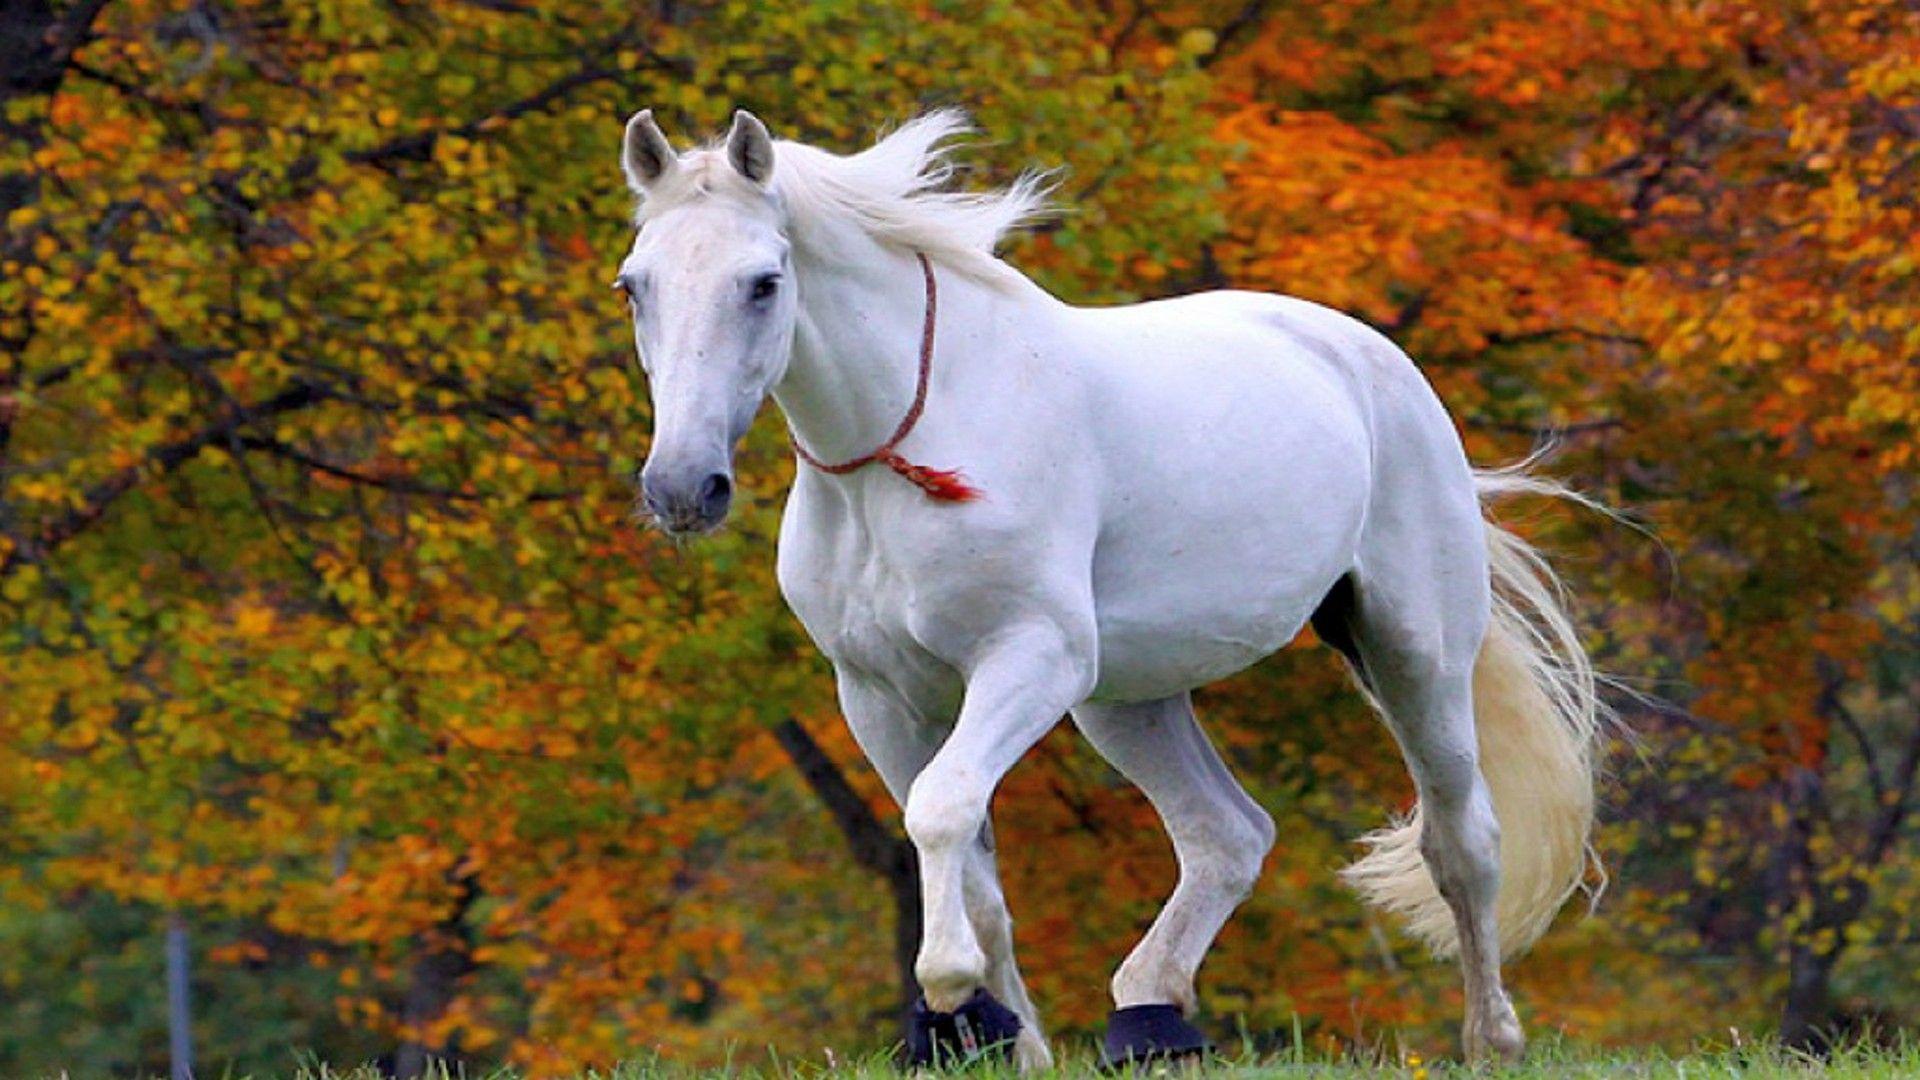 Lipizzan horse desktop wallpaper hd widescreen free download lipizzan horse desktop wallpaper hd widescreen free download altavistaventures Gallery